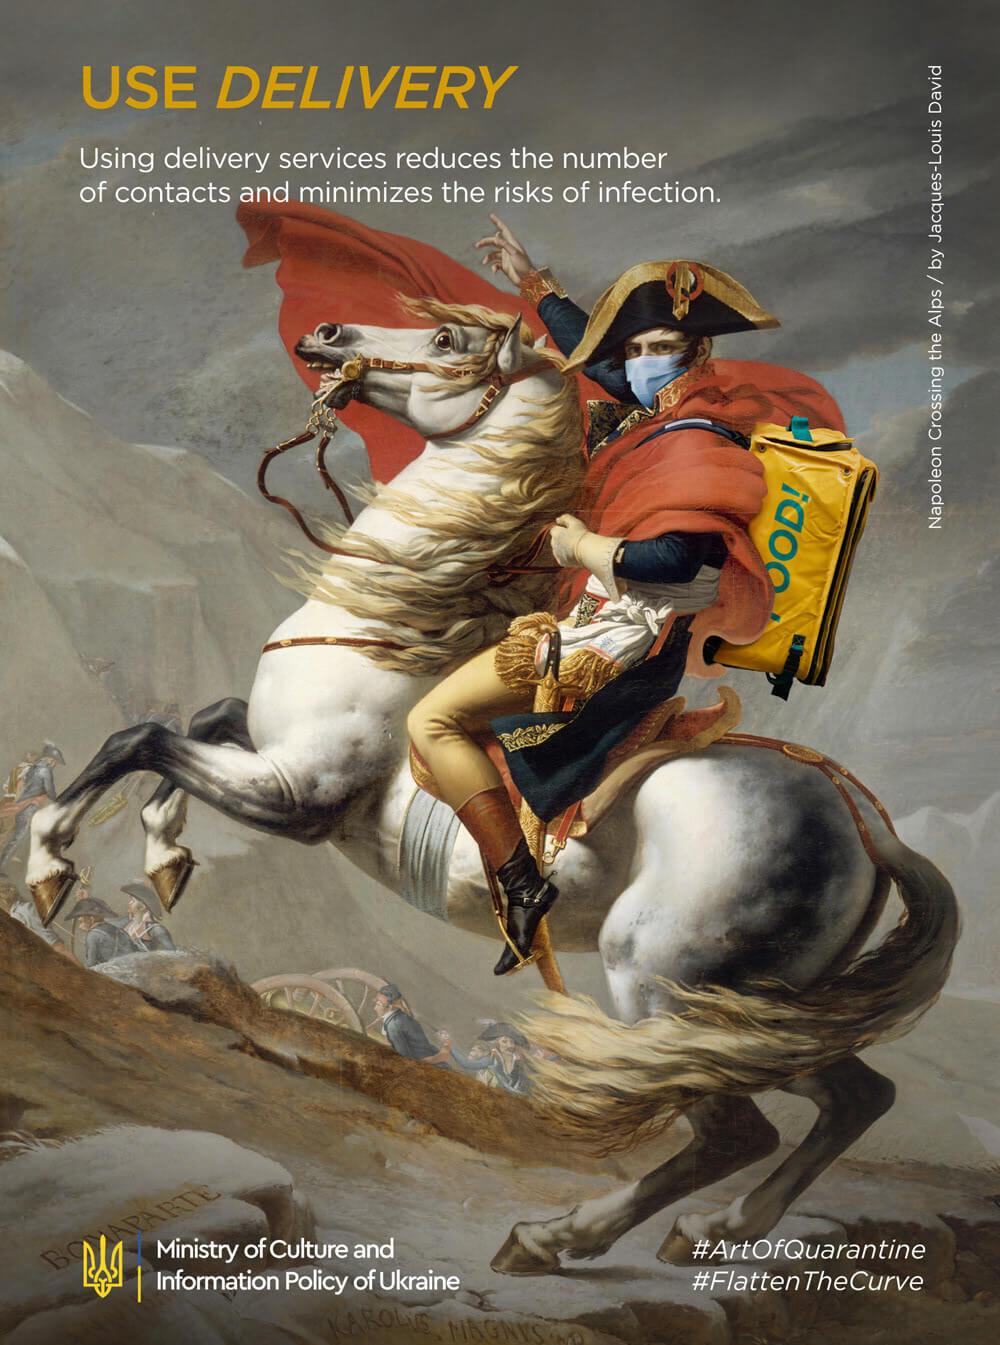 ジャック=ルイ・ダヴィッド作「アルプスを越えるナポレオン」のArt of Quarantine版ポスター